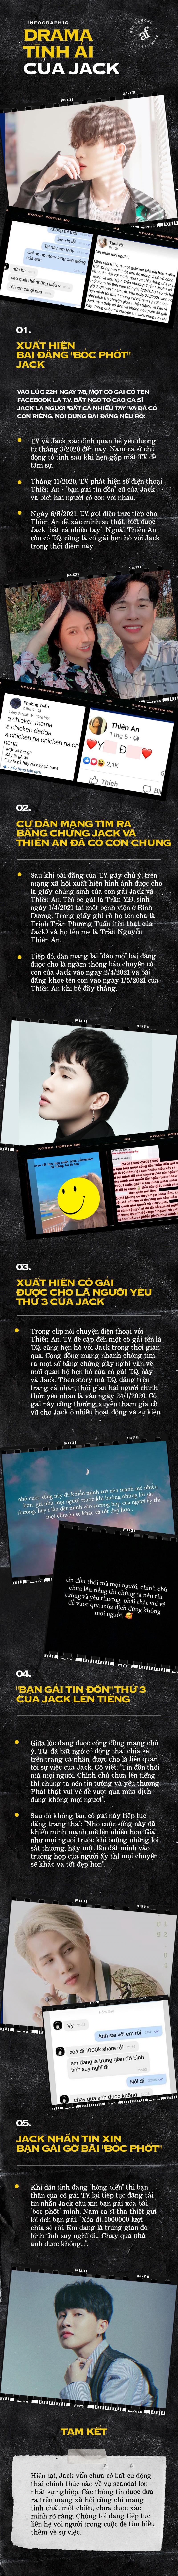 """Xâu chuỗi loạt chi tiết gây tranh cãi trong drama """"bắt cá nhiều tay"""", có con riêng của Jack - Ảnh 1."""